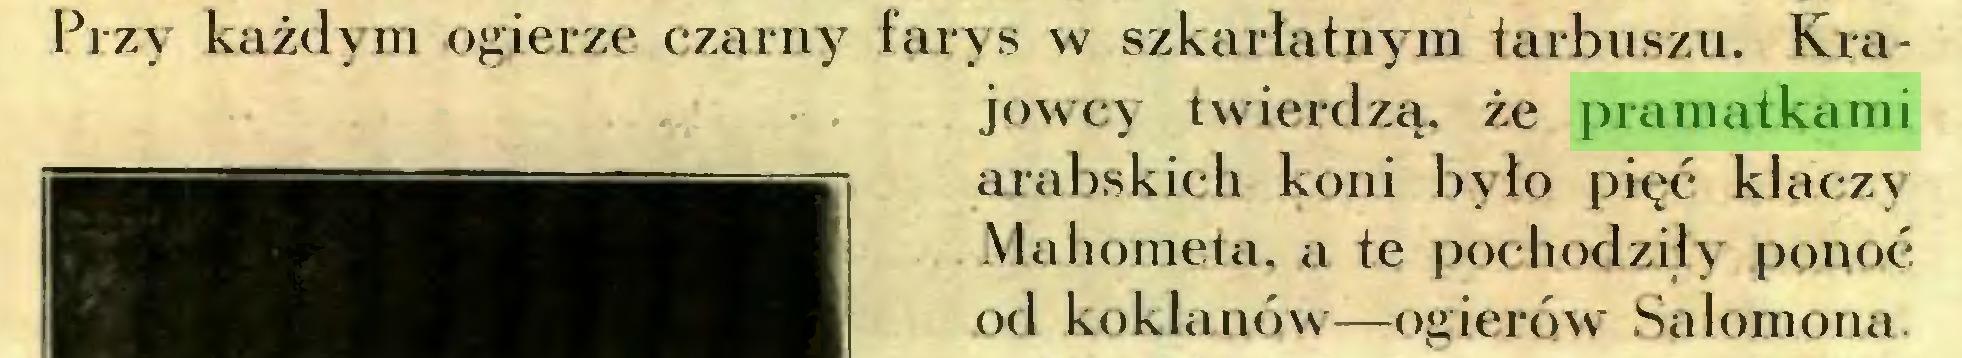 (...) Przy każdym ogierze czarny farys w szkarłatnym tarbuszu. Krajowcy twierdzą, że pramatkami arabskich koni było pięć klaczy Mahometa, a te pochodziły ponoć od koklanów—ogierów Salomona...